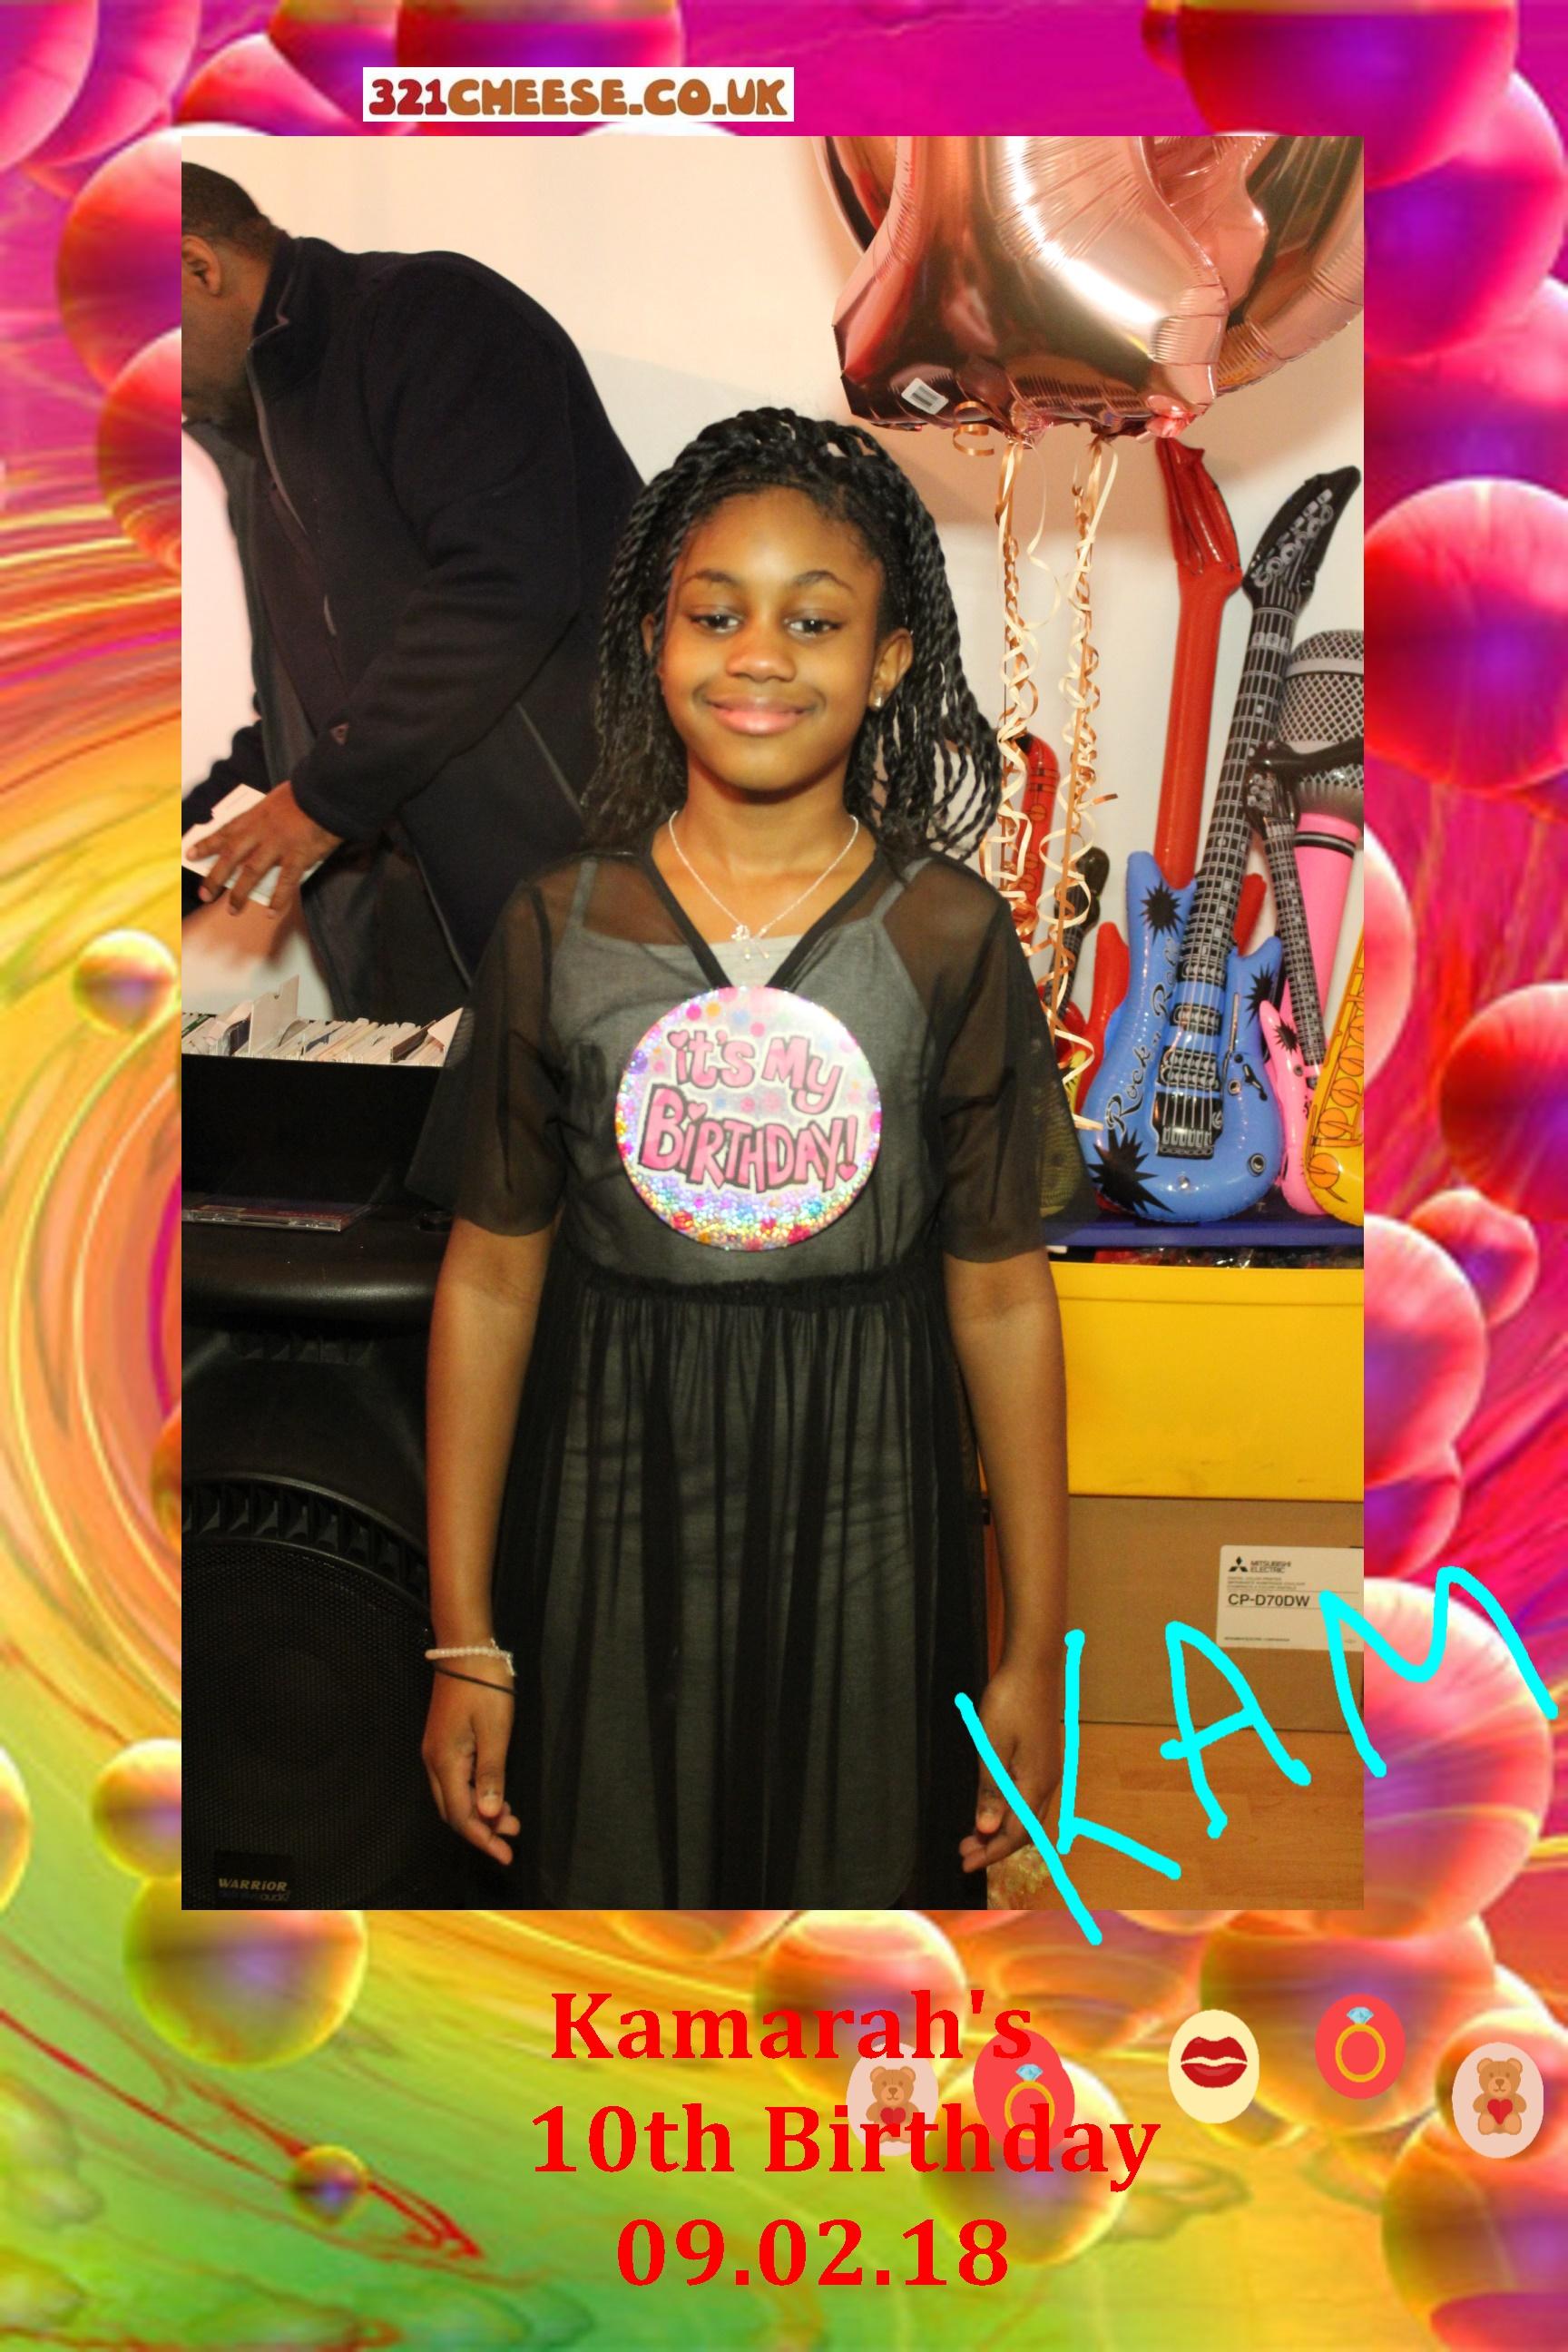 Kamarah's 10th Birthday